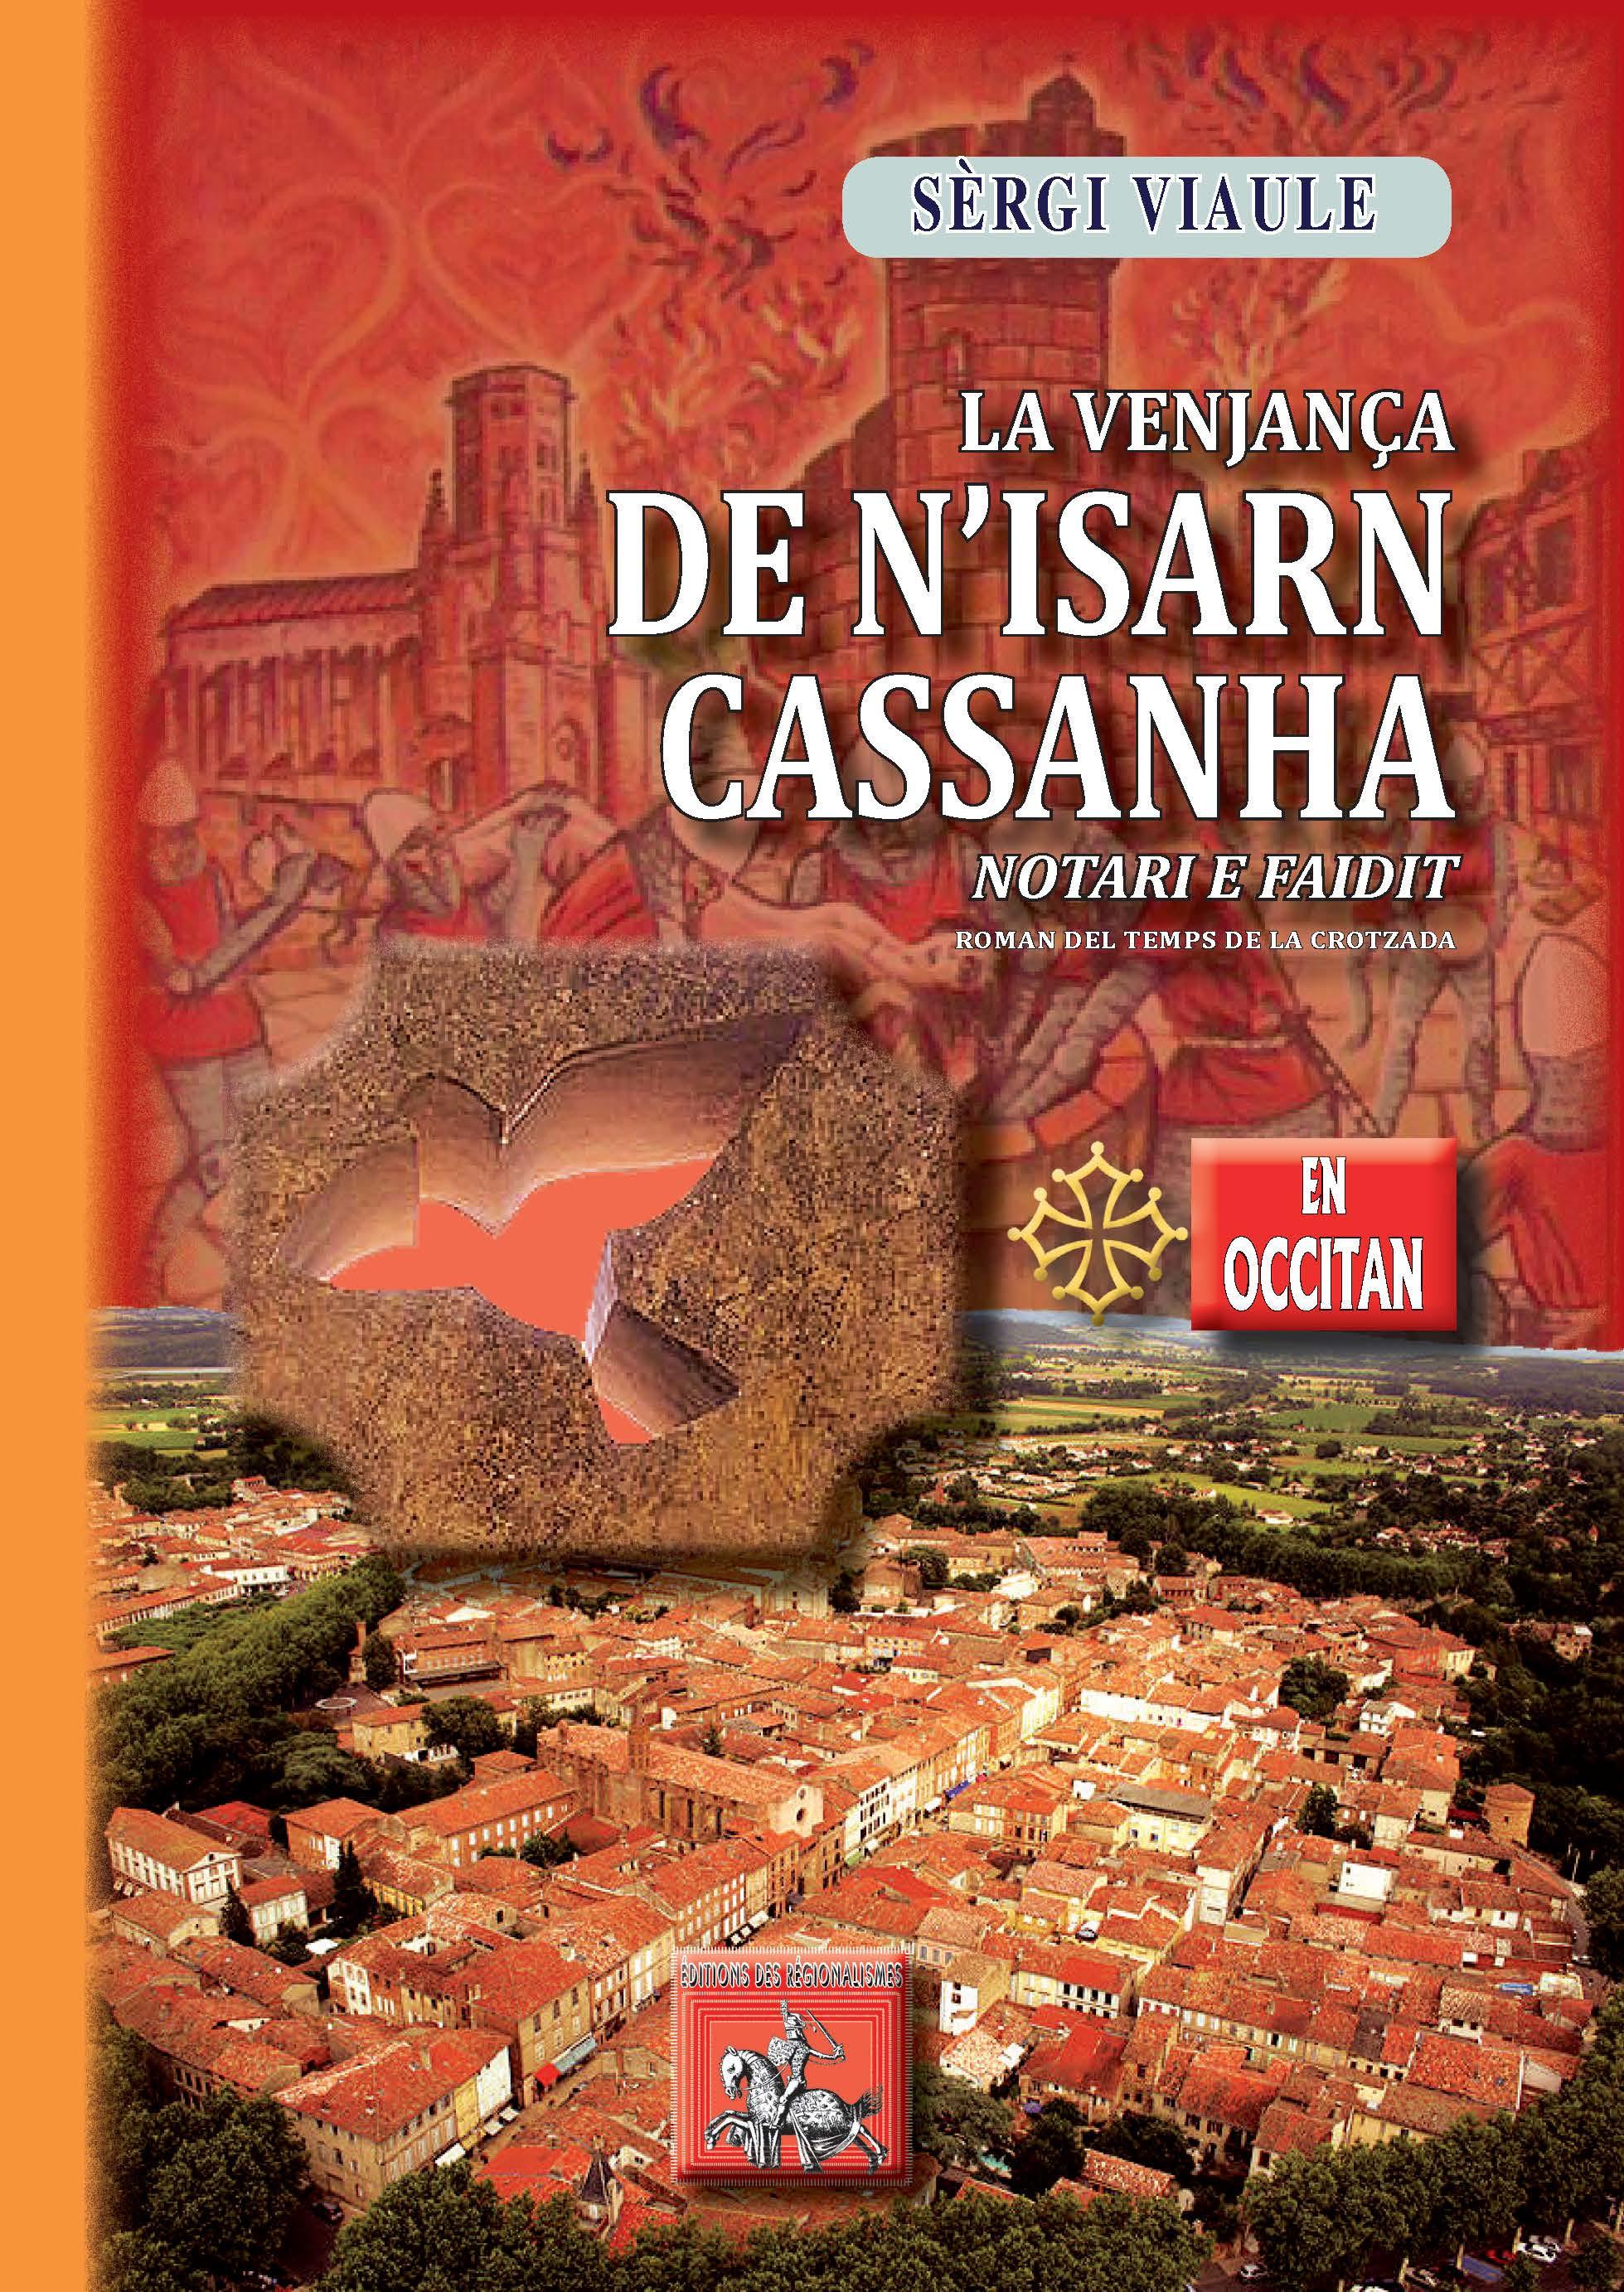 La venjança de N'Isarn Cassanha, notari e faidit (roman del temps de la Crotzada)